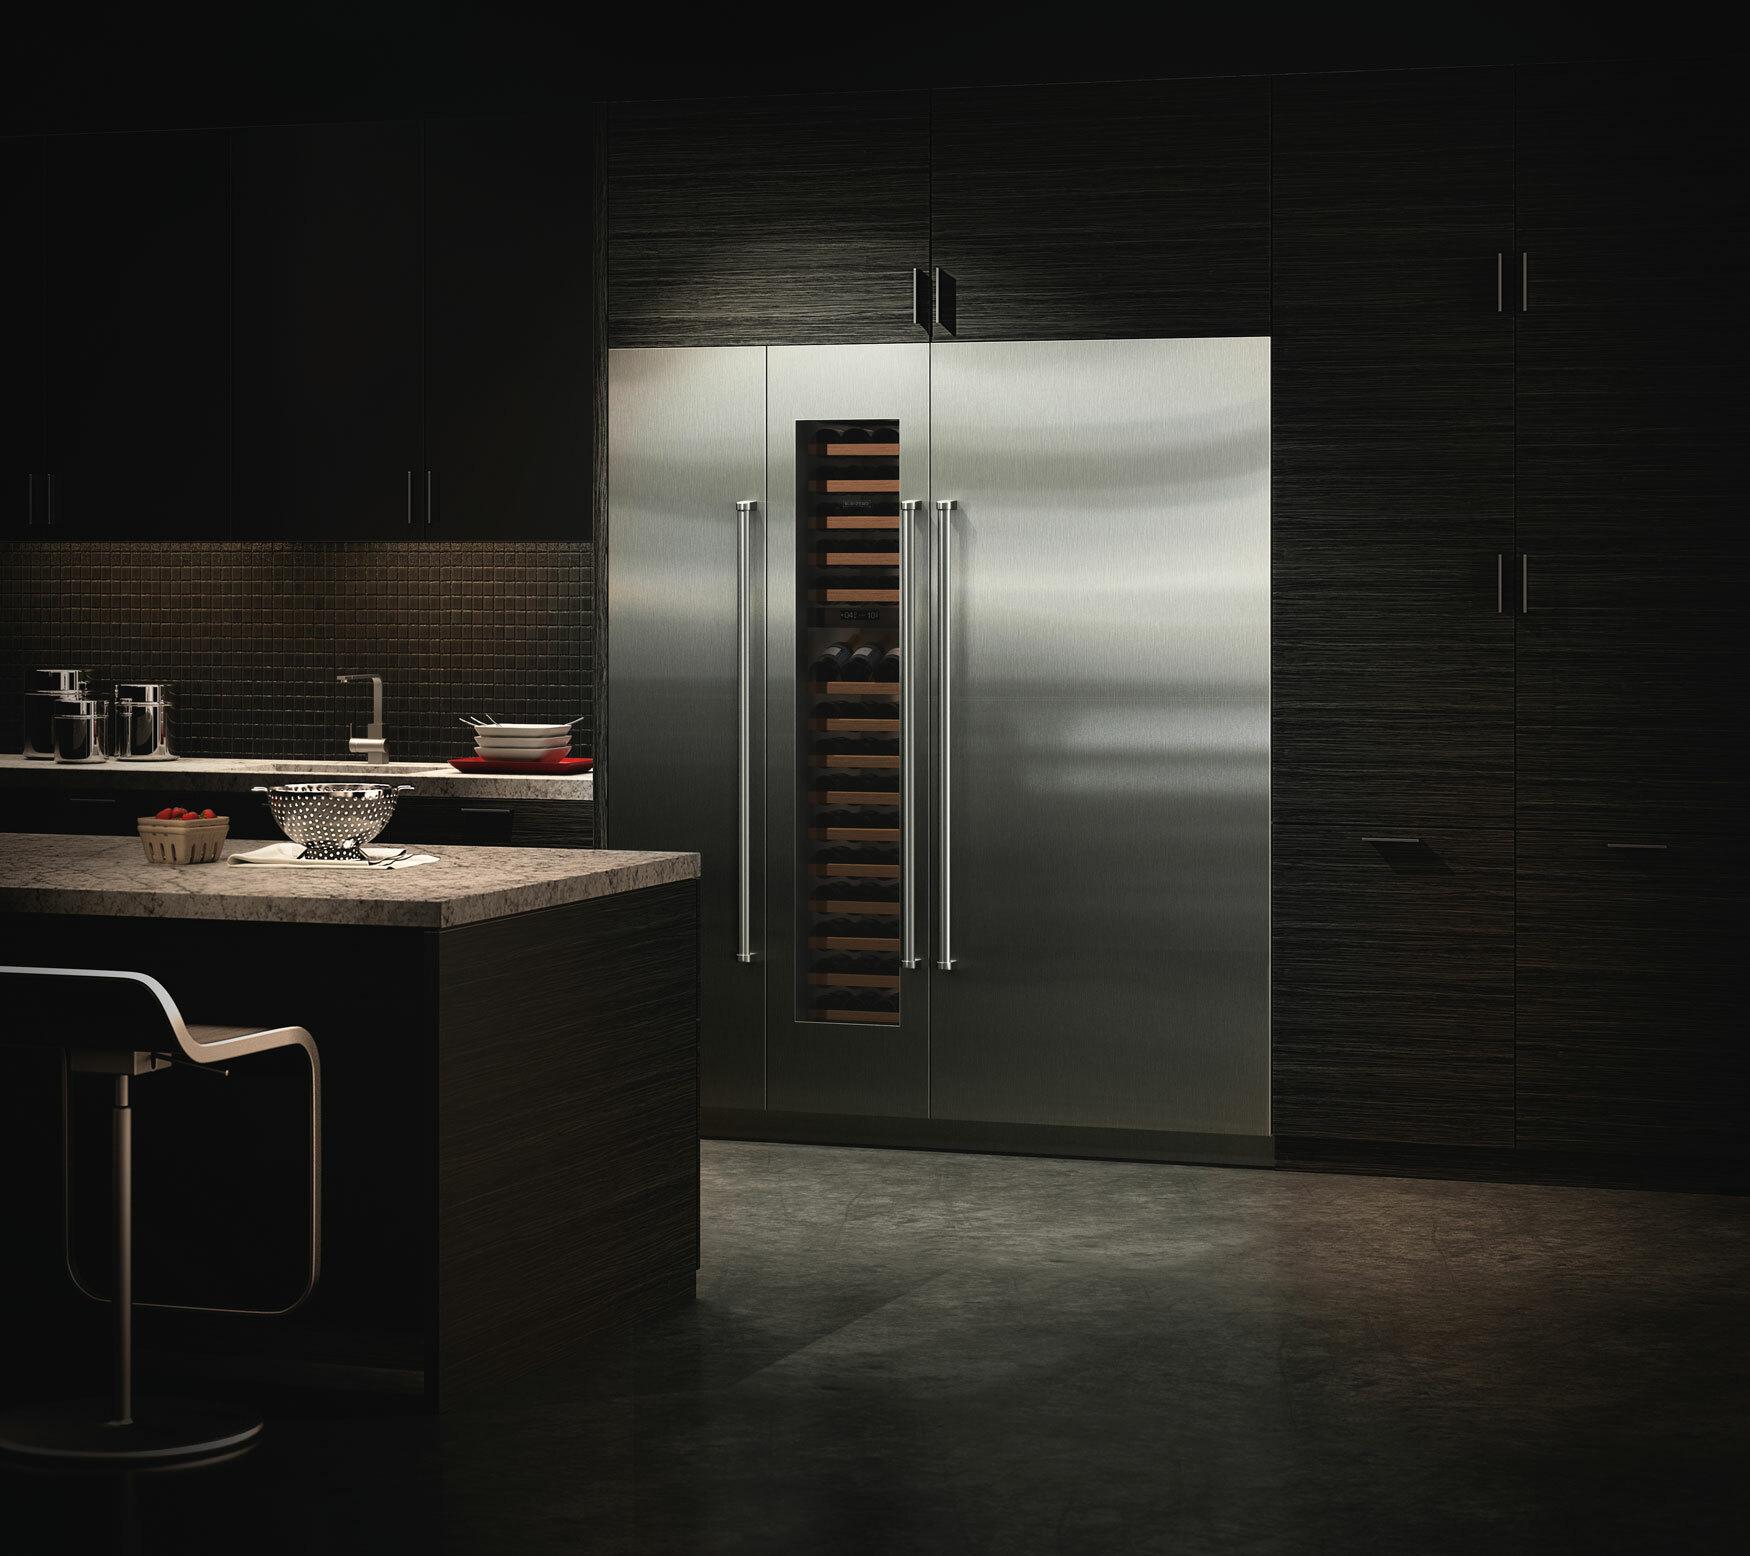 Column Freezer in Kitchen